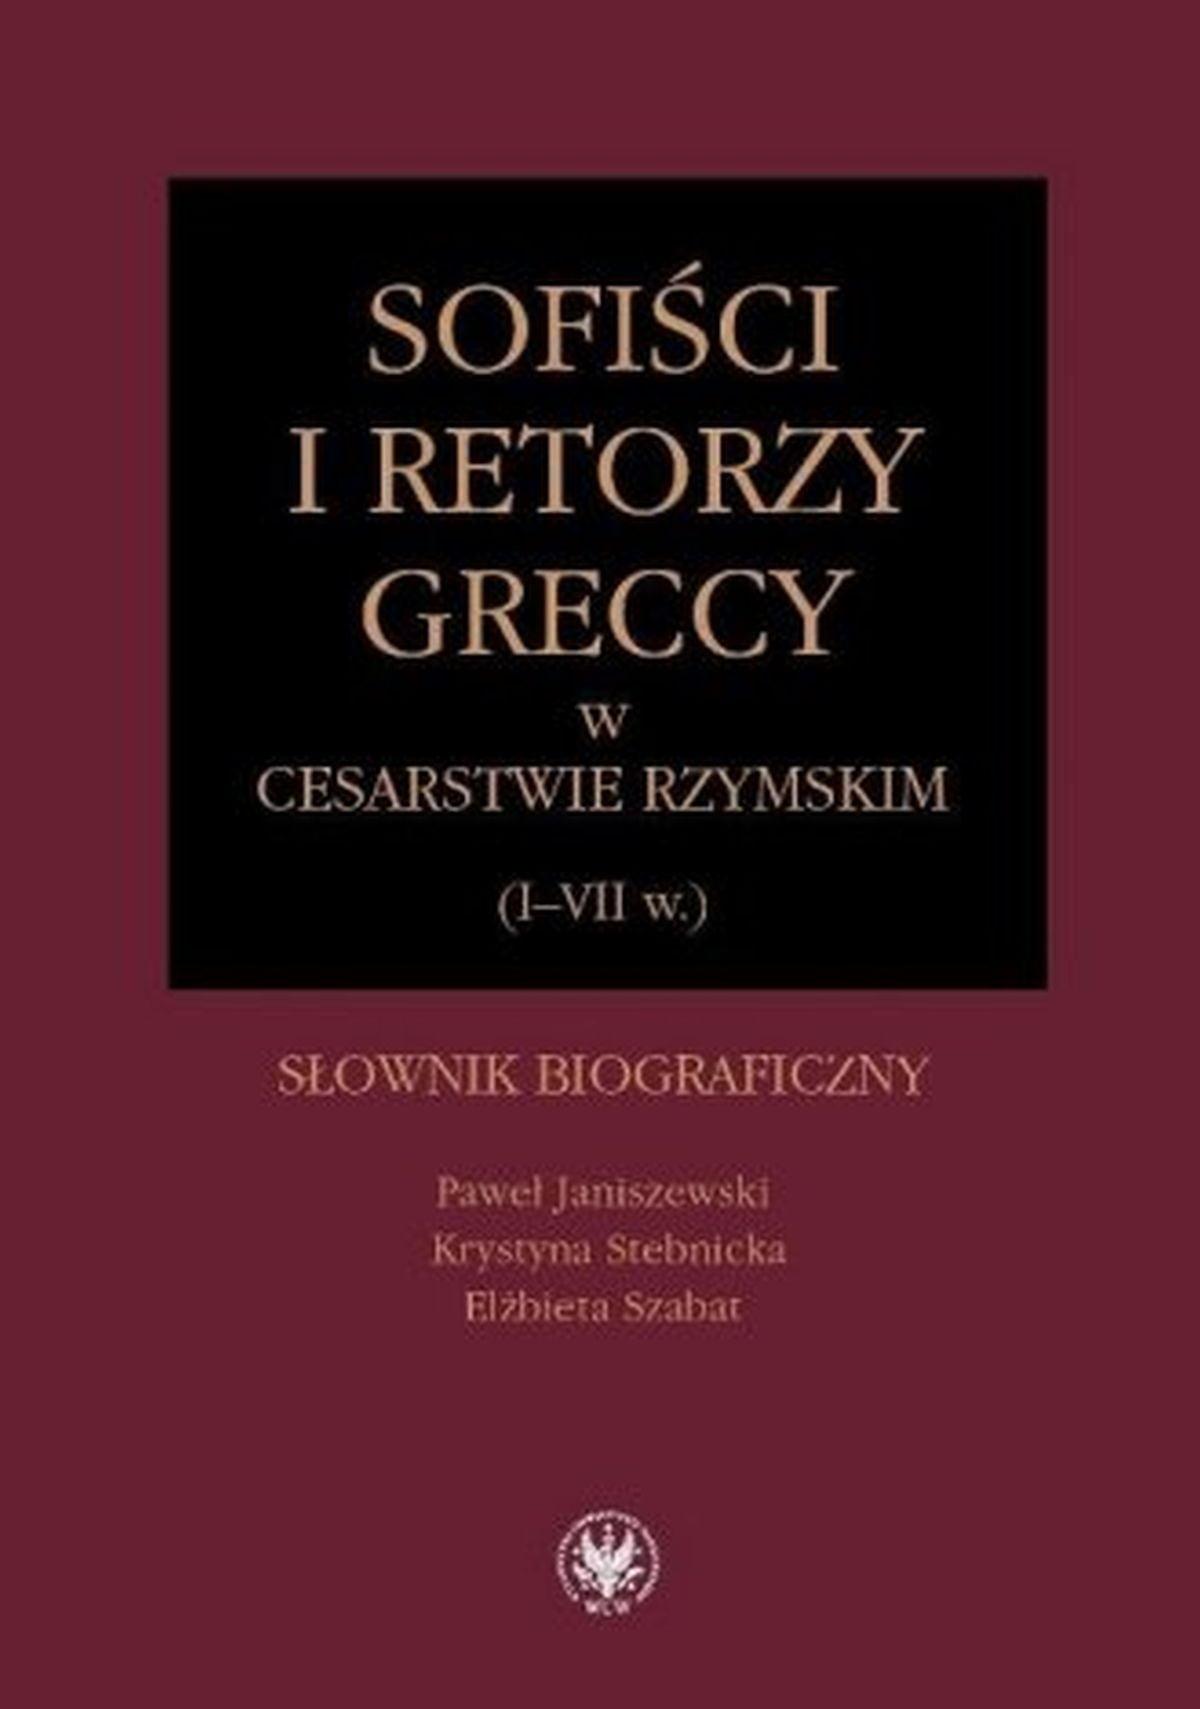 Sofiści i retorzy greccy w cesarstwie rzymskim (I-VII w.). Słownik biograficzny